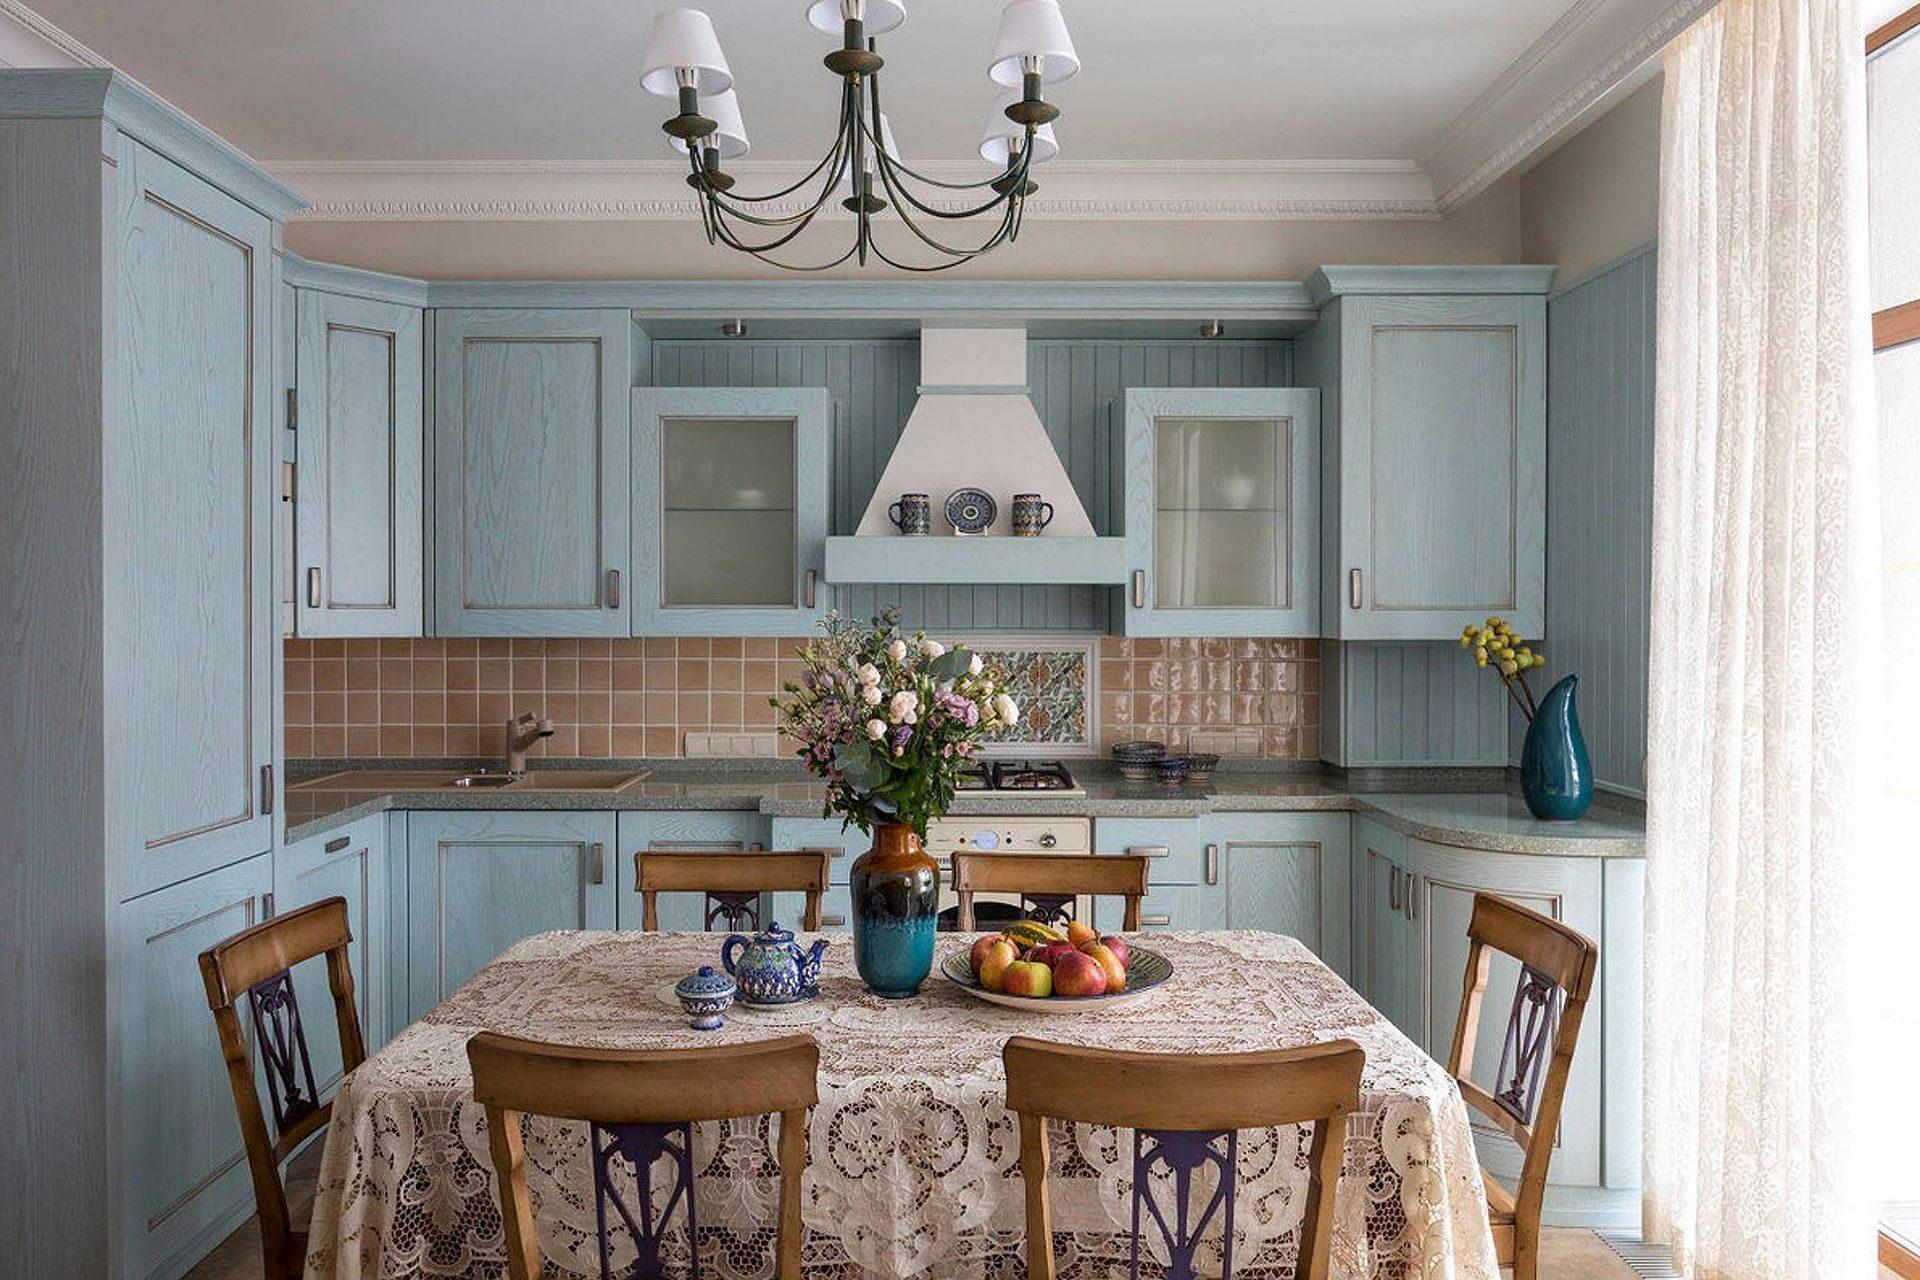 Фартук из плитки на кухне в стиле кантри